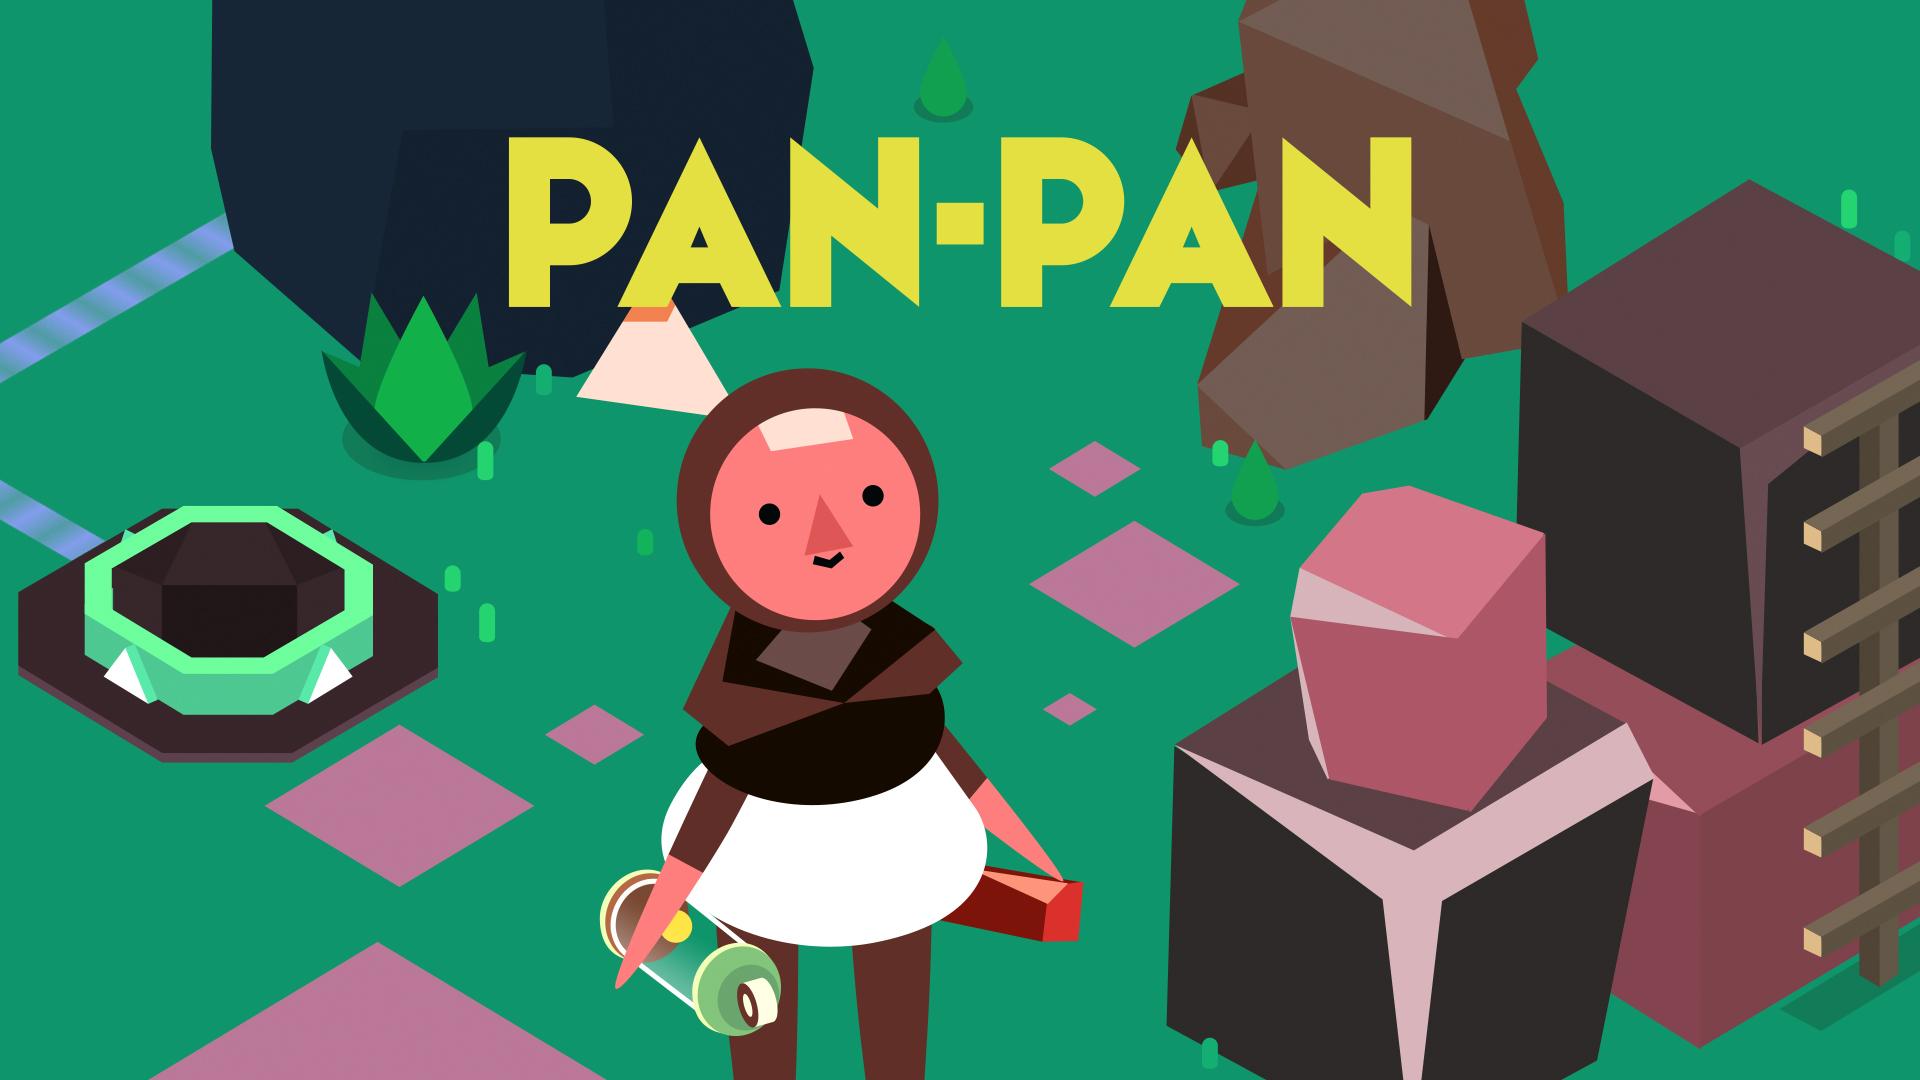 Pan-Pan - Nintendo Switch Digital Download $1